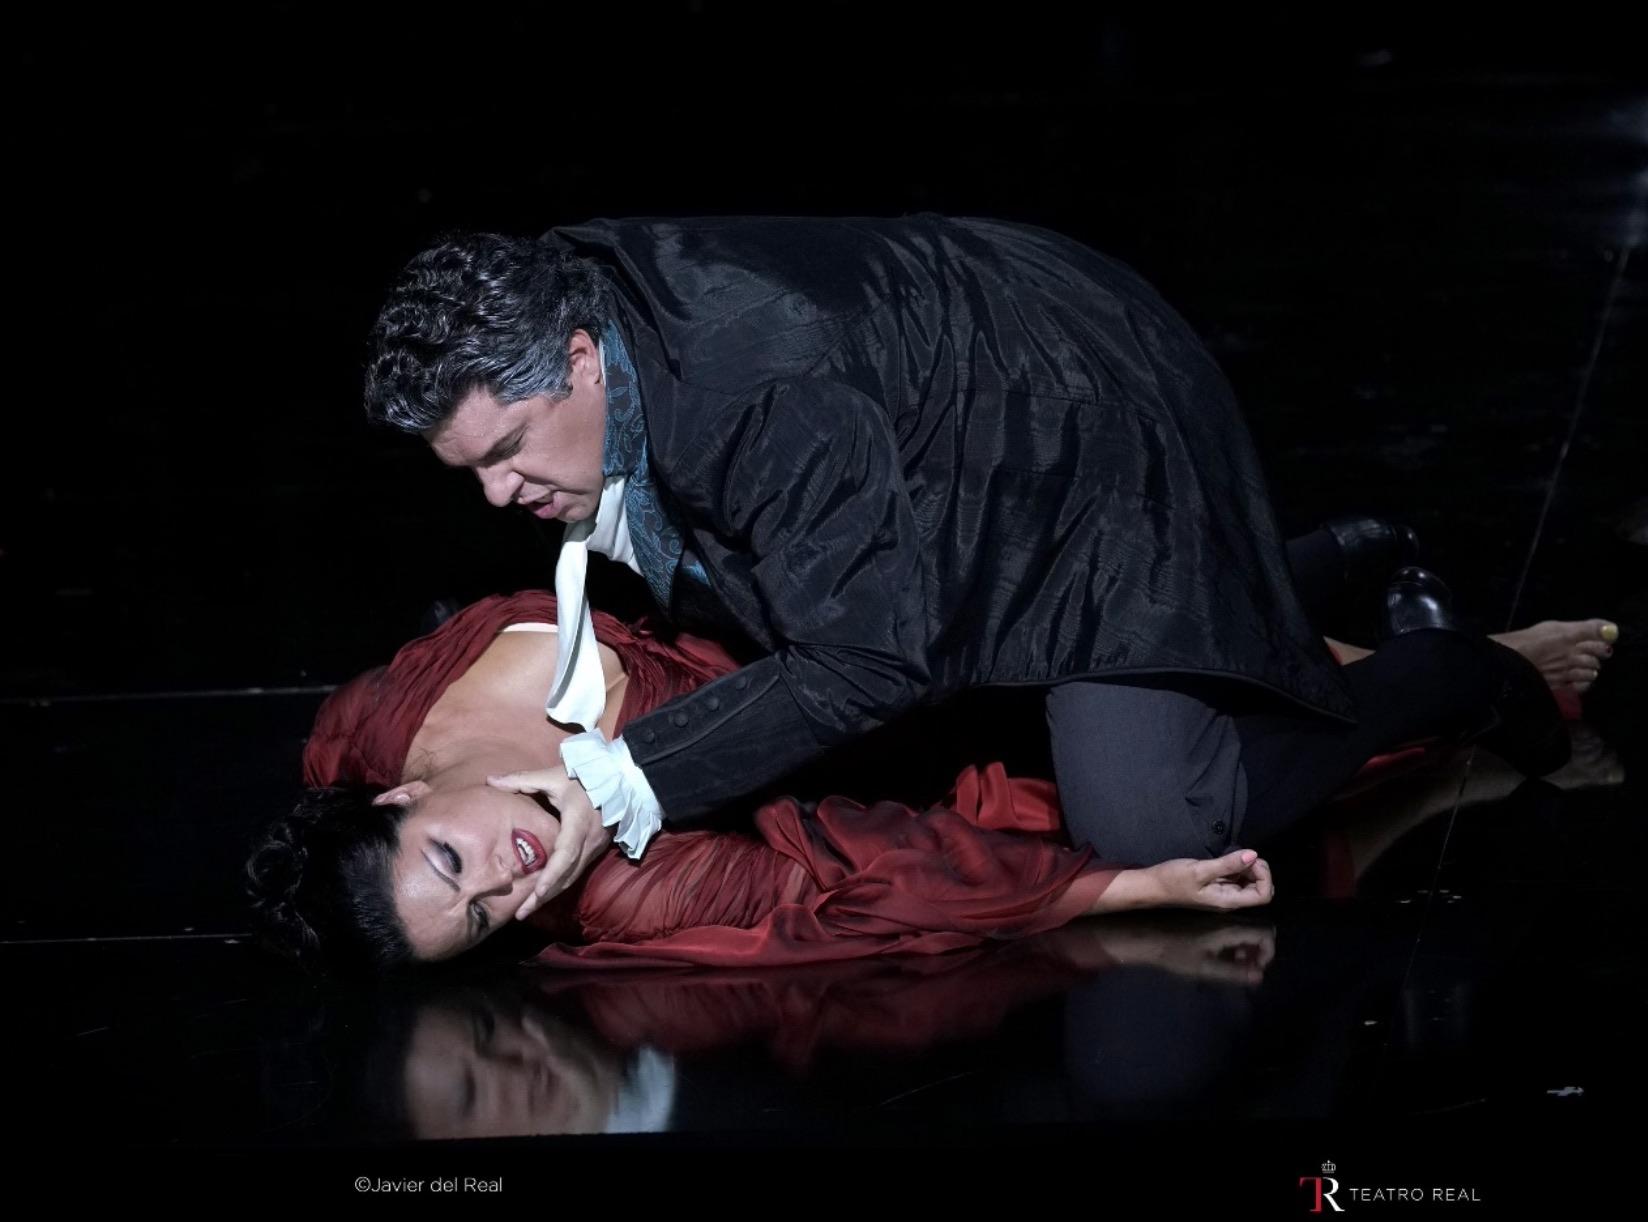 El Anillo de Wagner regresa a la English National Opera tras 15 años de ausencia